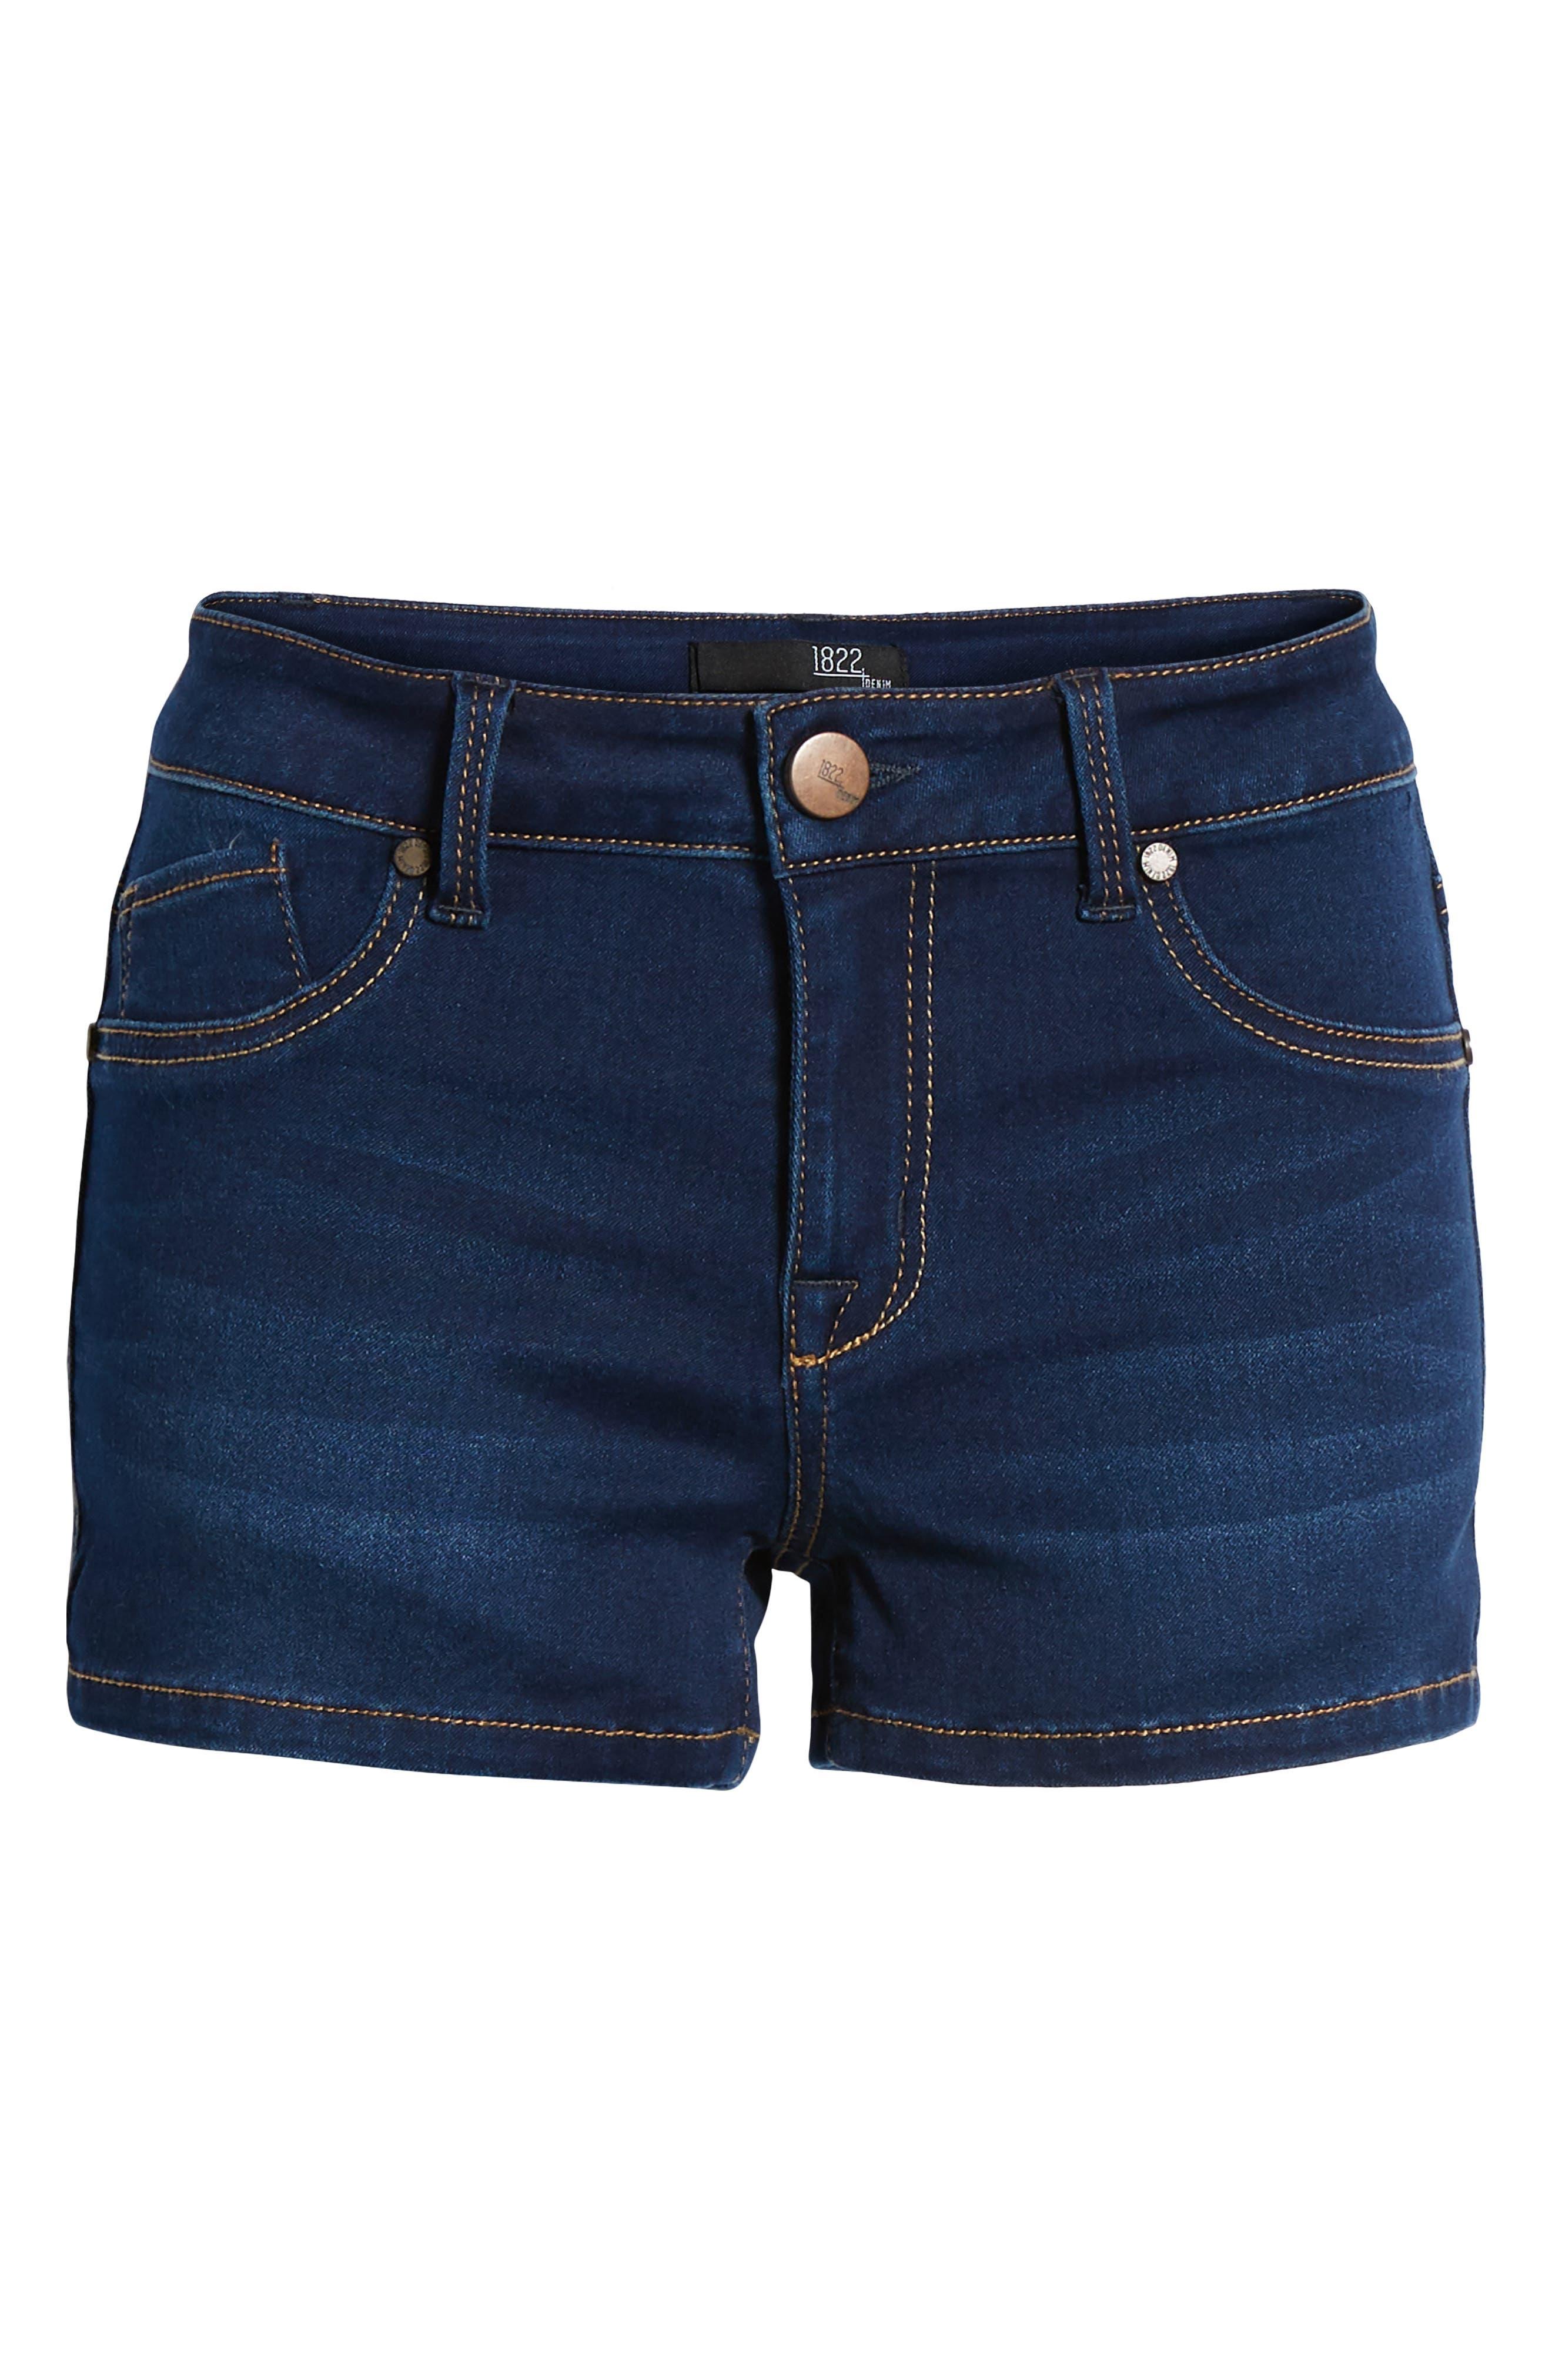 Butter Denim Shorts,                             Alternate thumbnail 7, color,                             LENNOX